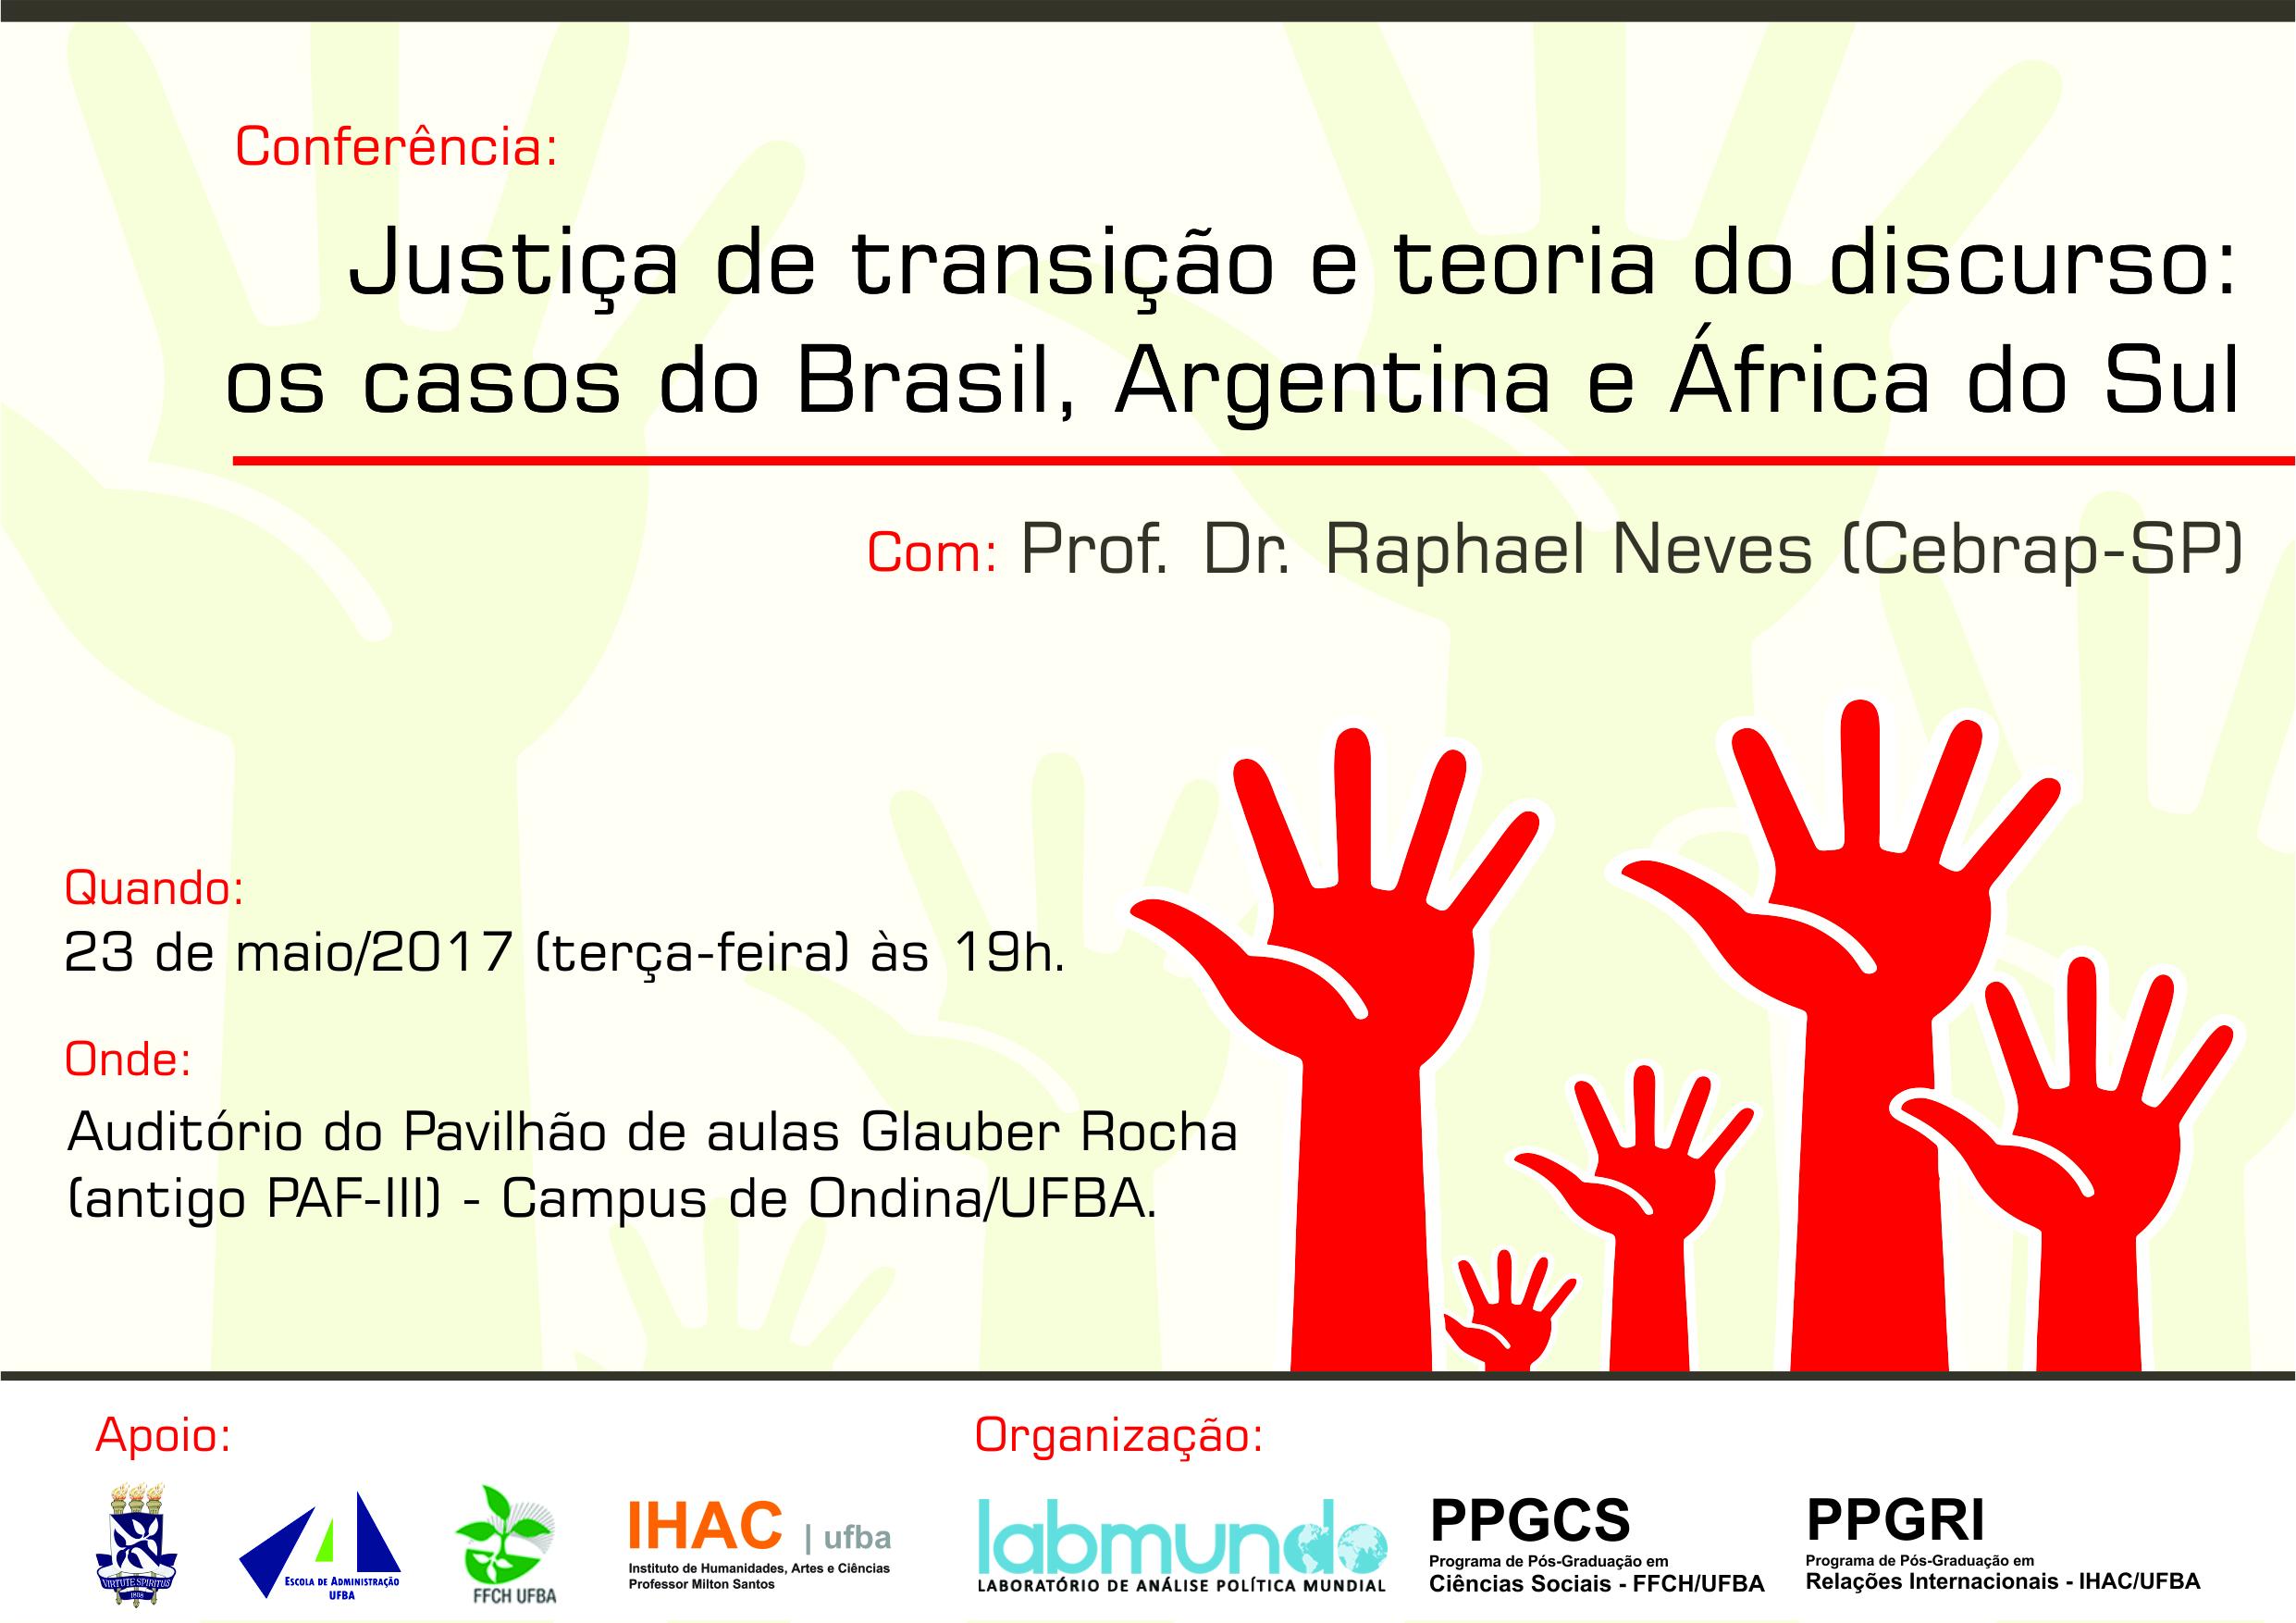 """PPGCS, PPGRI e Labmundo realizam a conferência """"Justiça de transição e teoria do discurso: os casos do Brasil, Argentina e África do Sul"""" na próxima terça-feira, 23."""